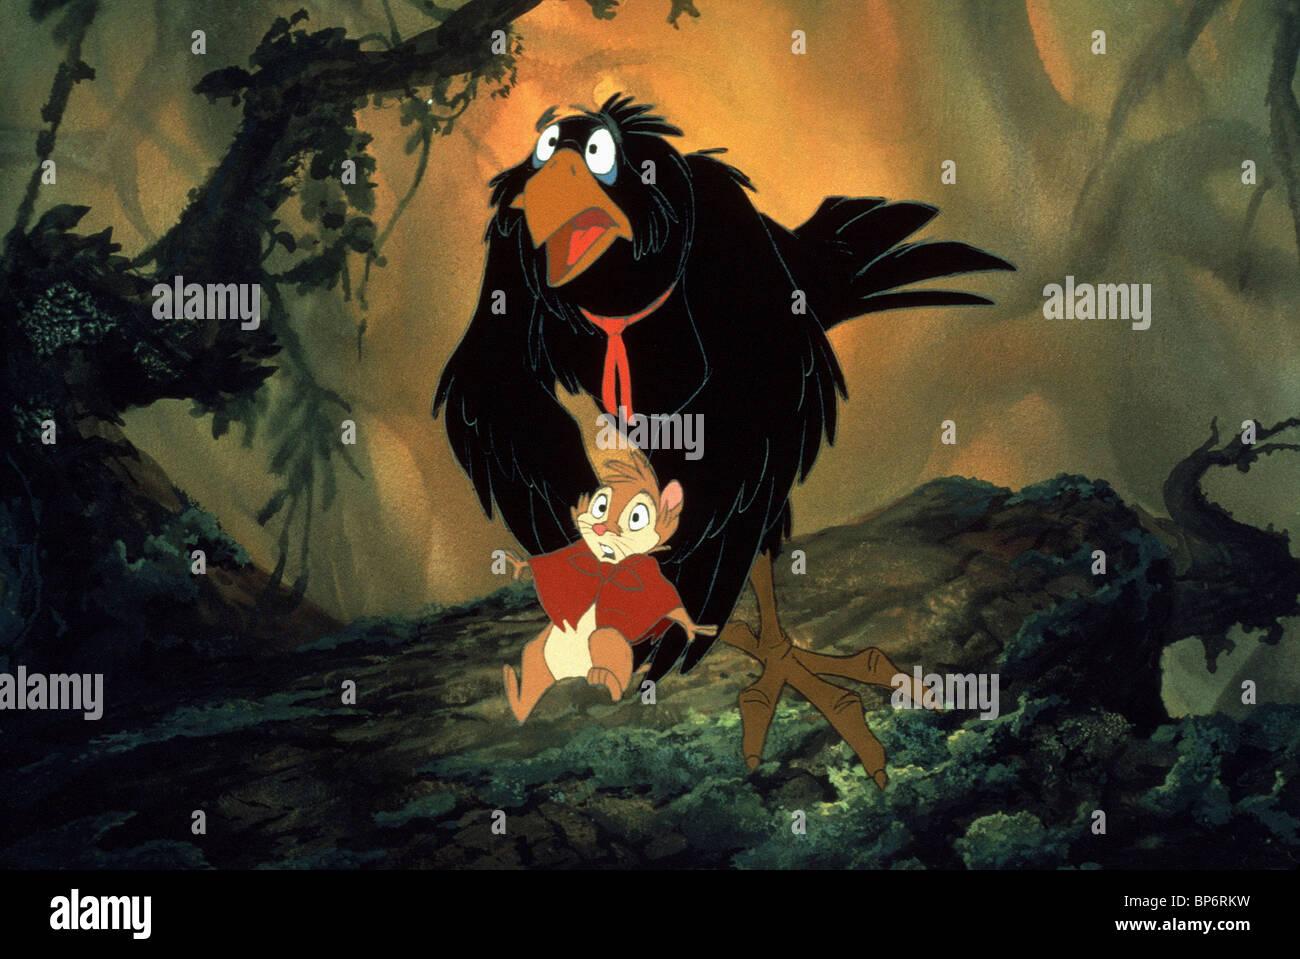 Escena de dibujos animados EL SECRETO DE NIMH (1982) Imagen De Stock